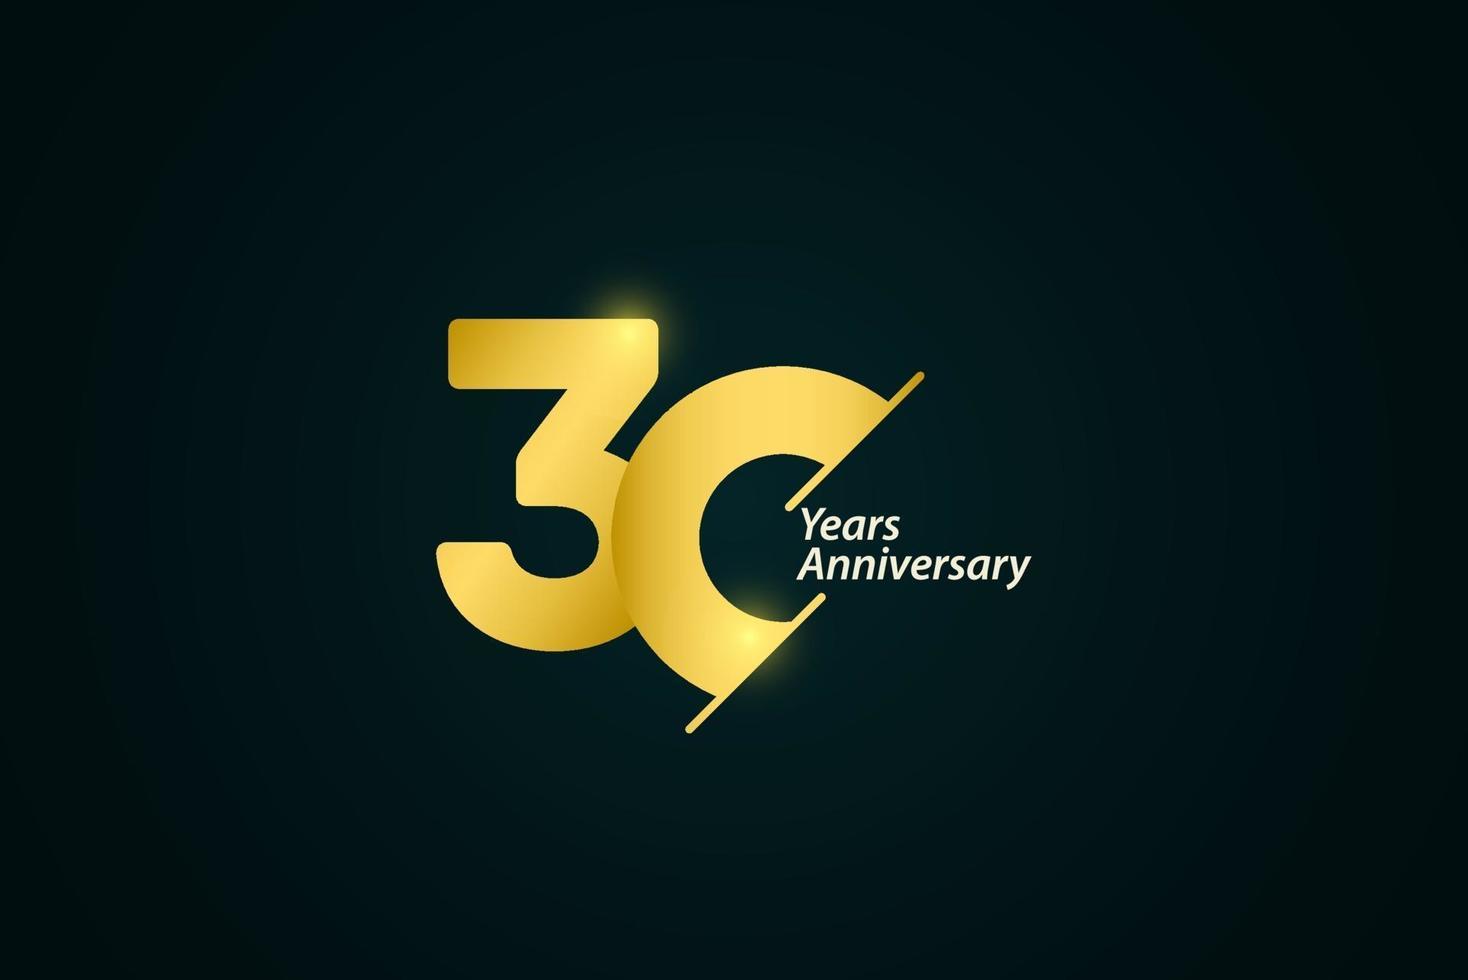 30 anos de comemoração de aniversário de ouro logotipo vetor modelo design ilustração